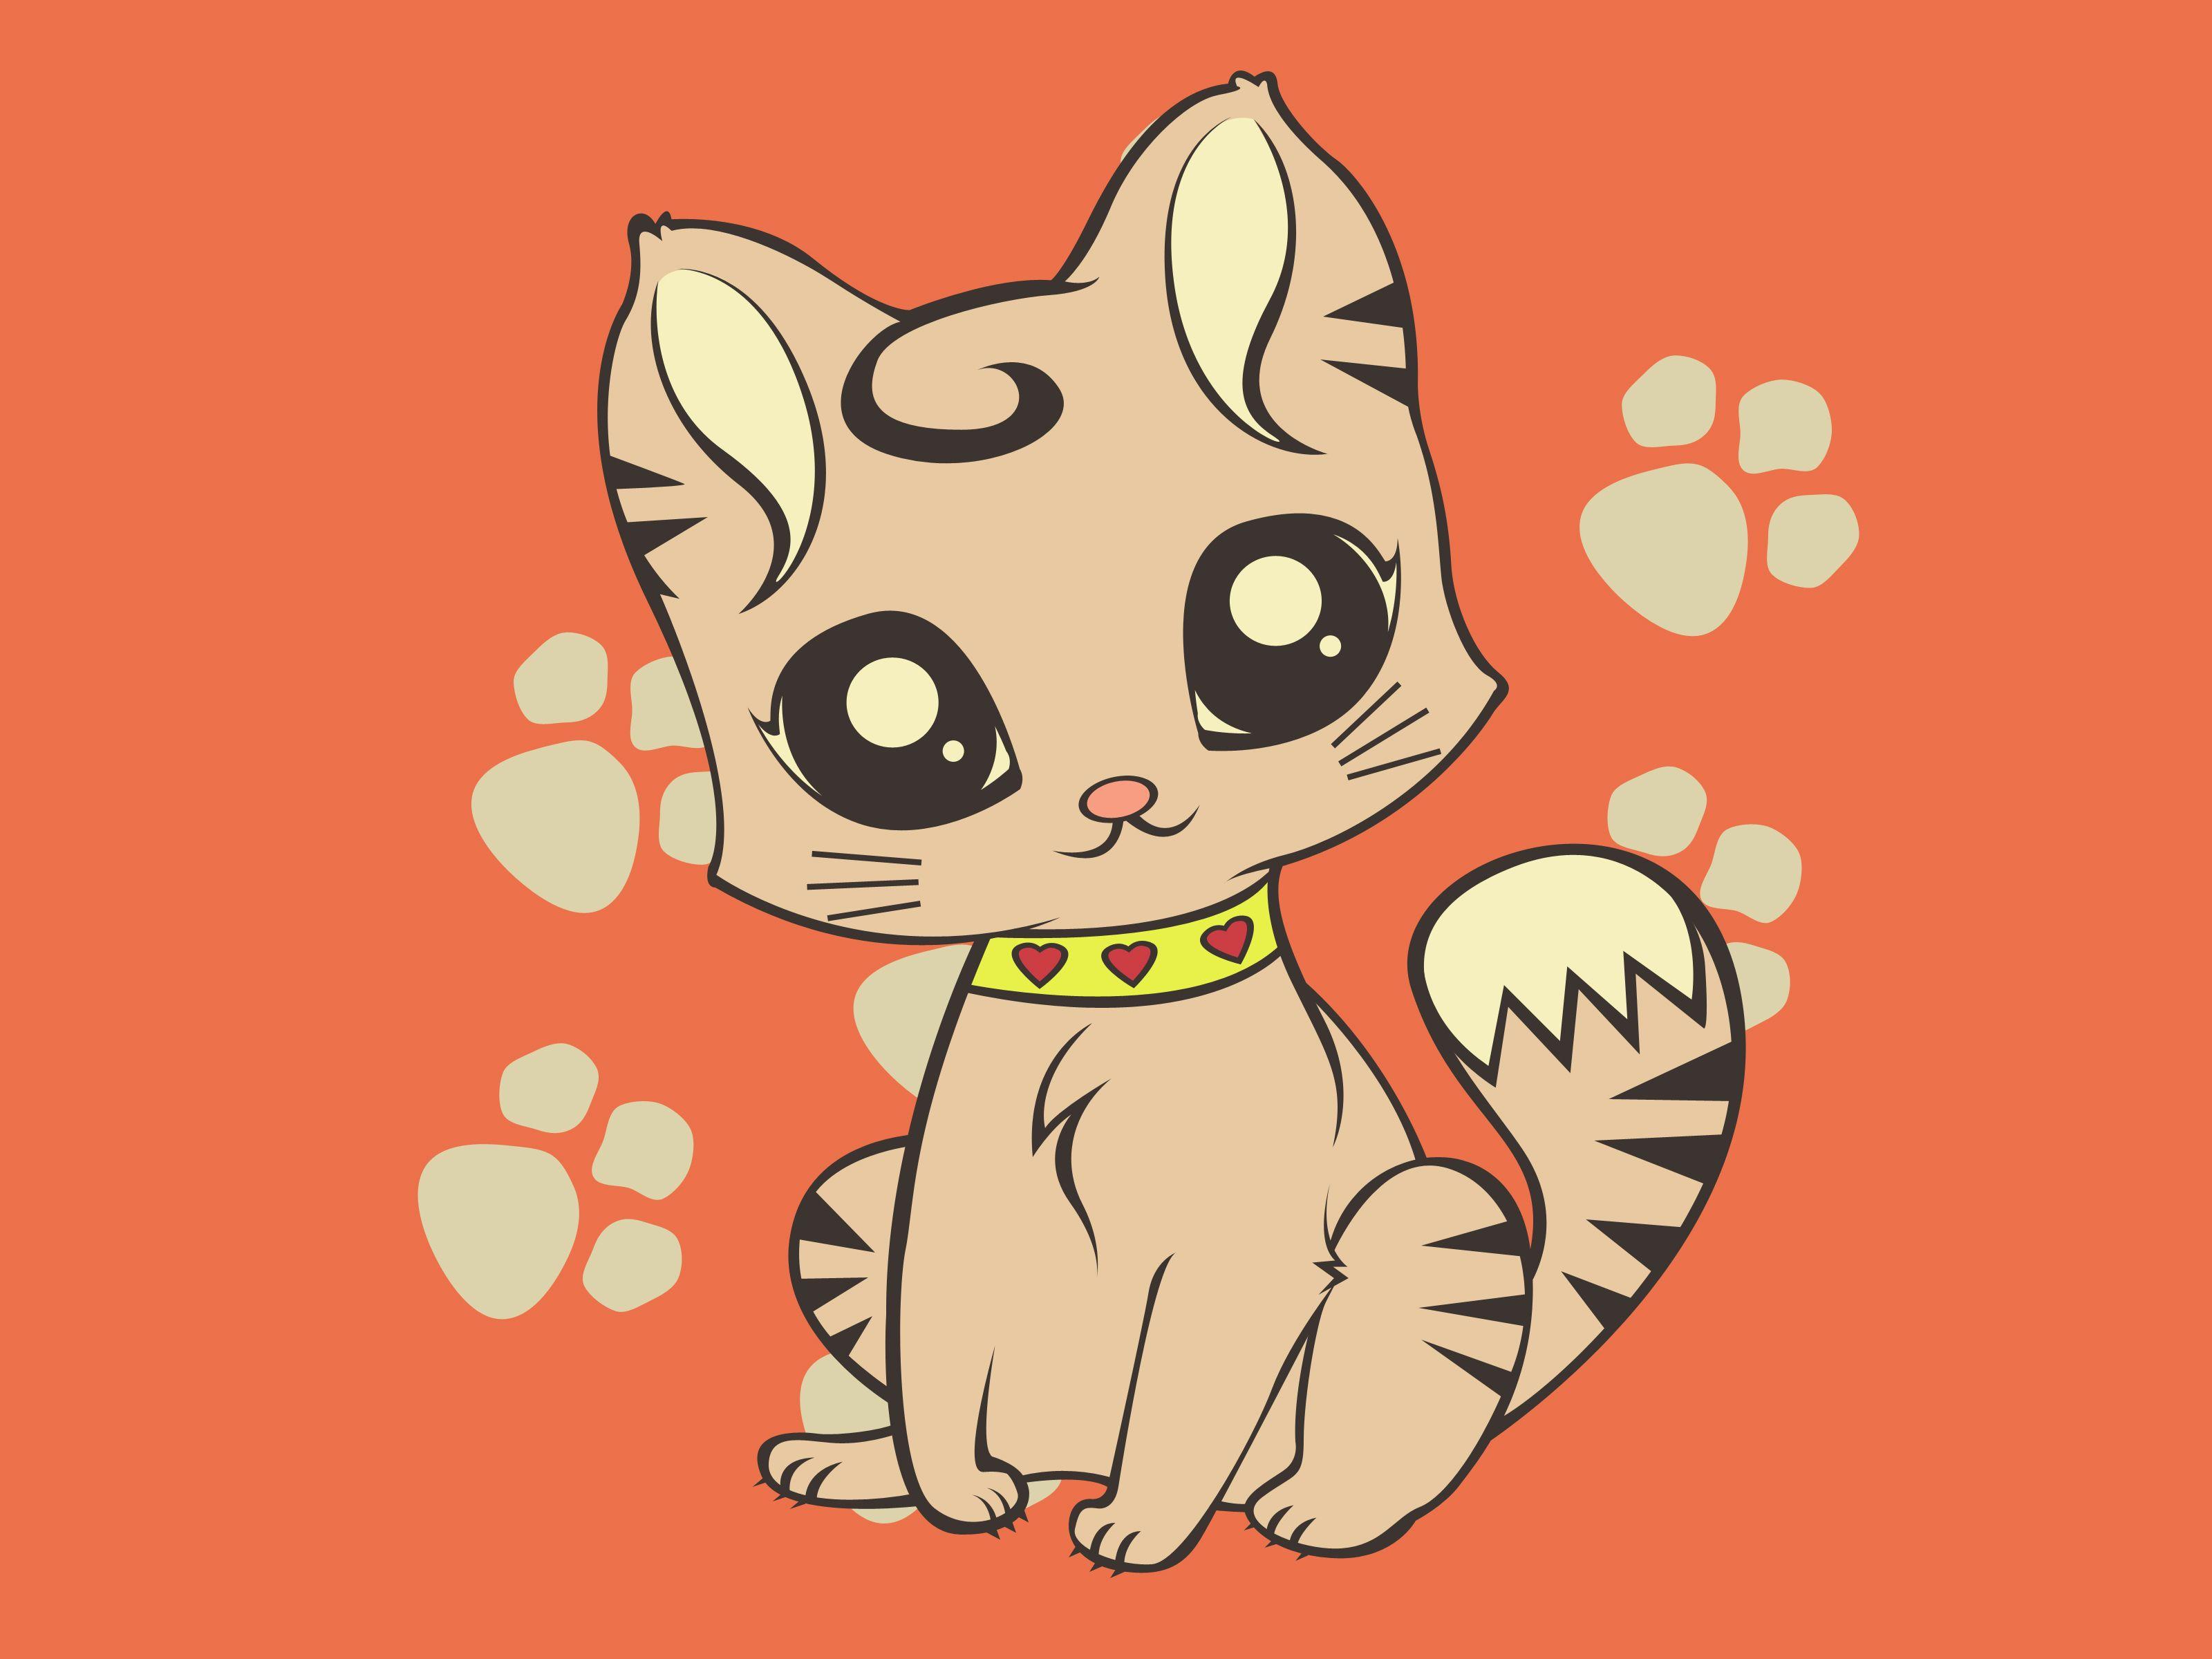 Draw a Cute Cartoon Cat Cute kittens images, Kitten